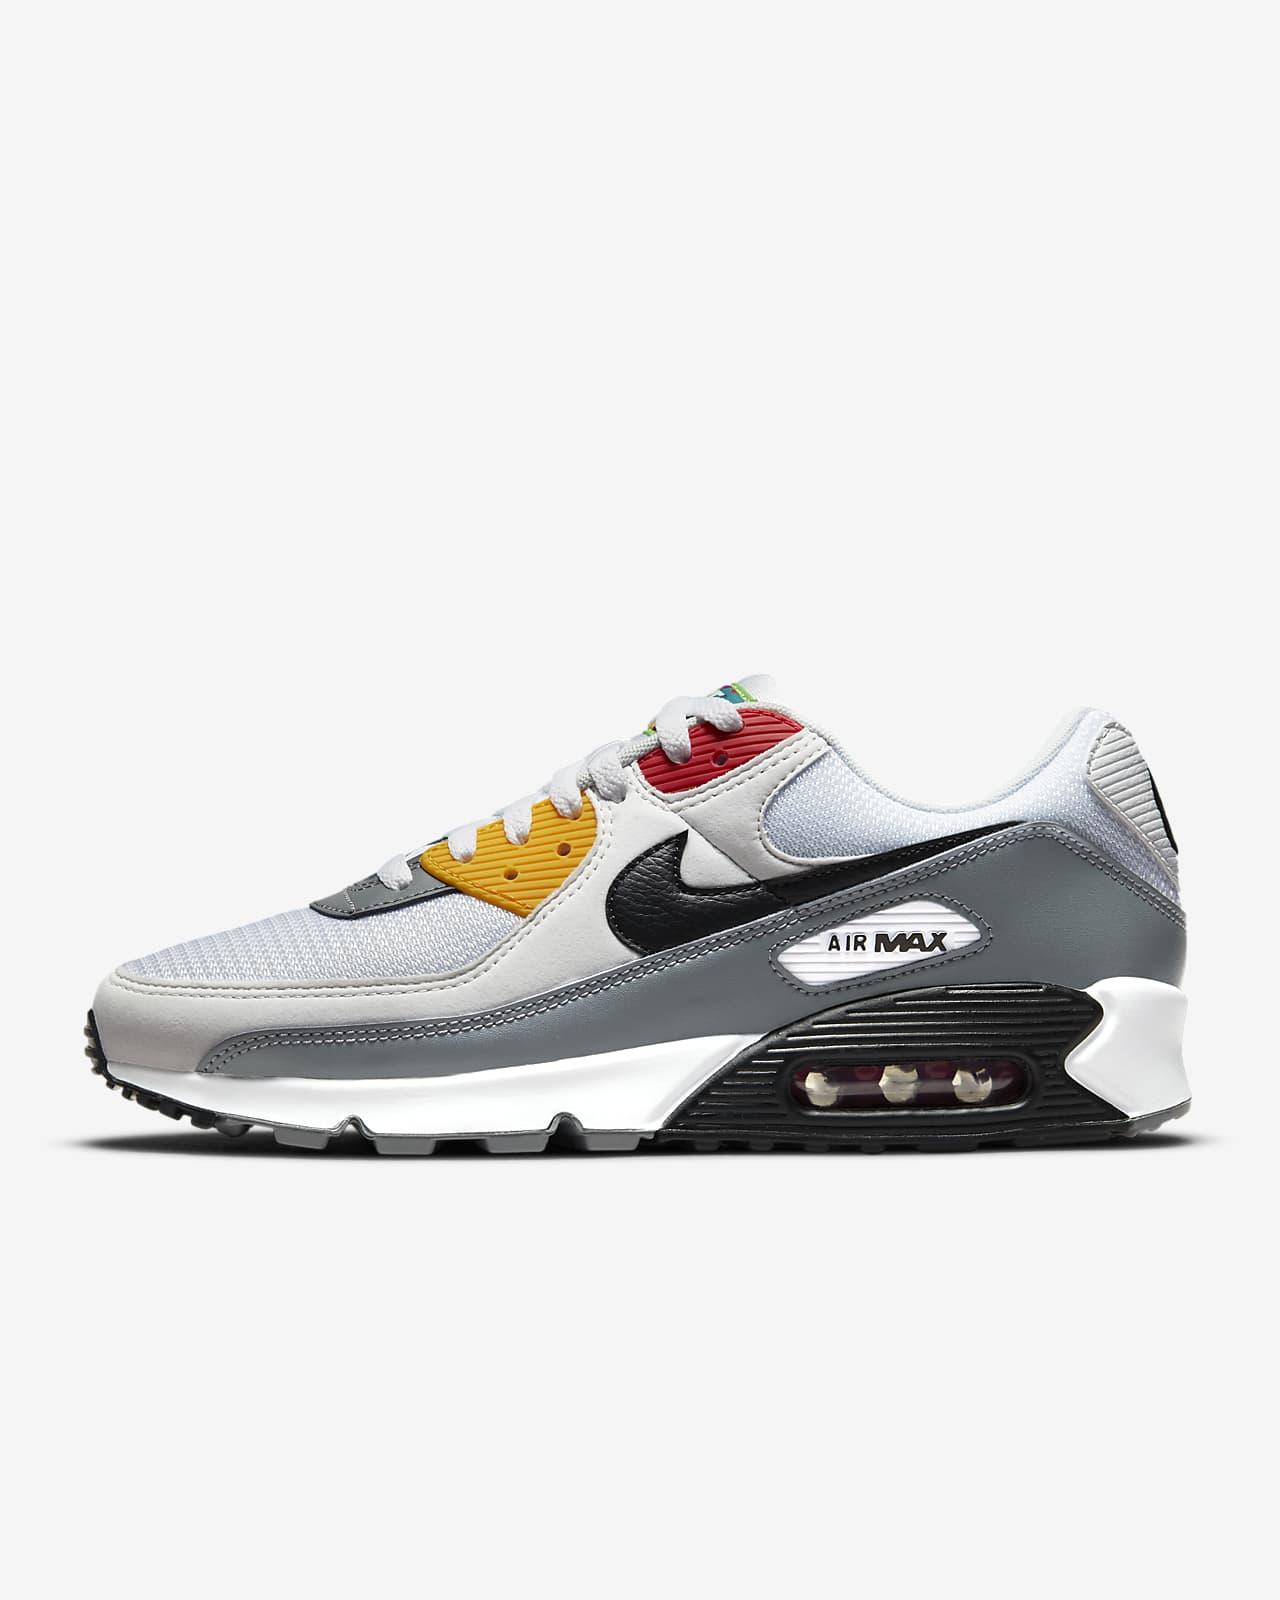 Nike Air Max 90 Premium Herrenschuh